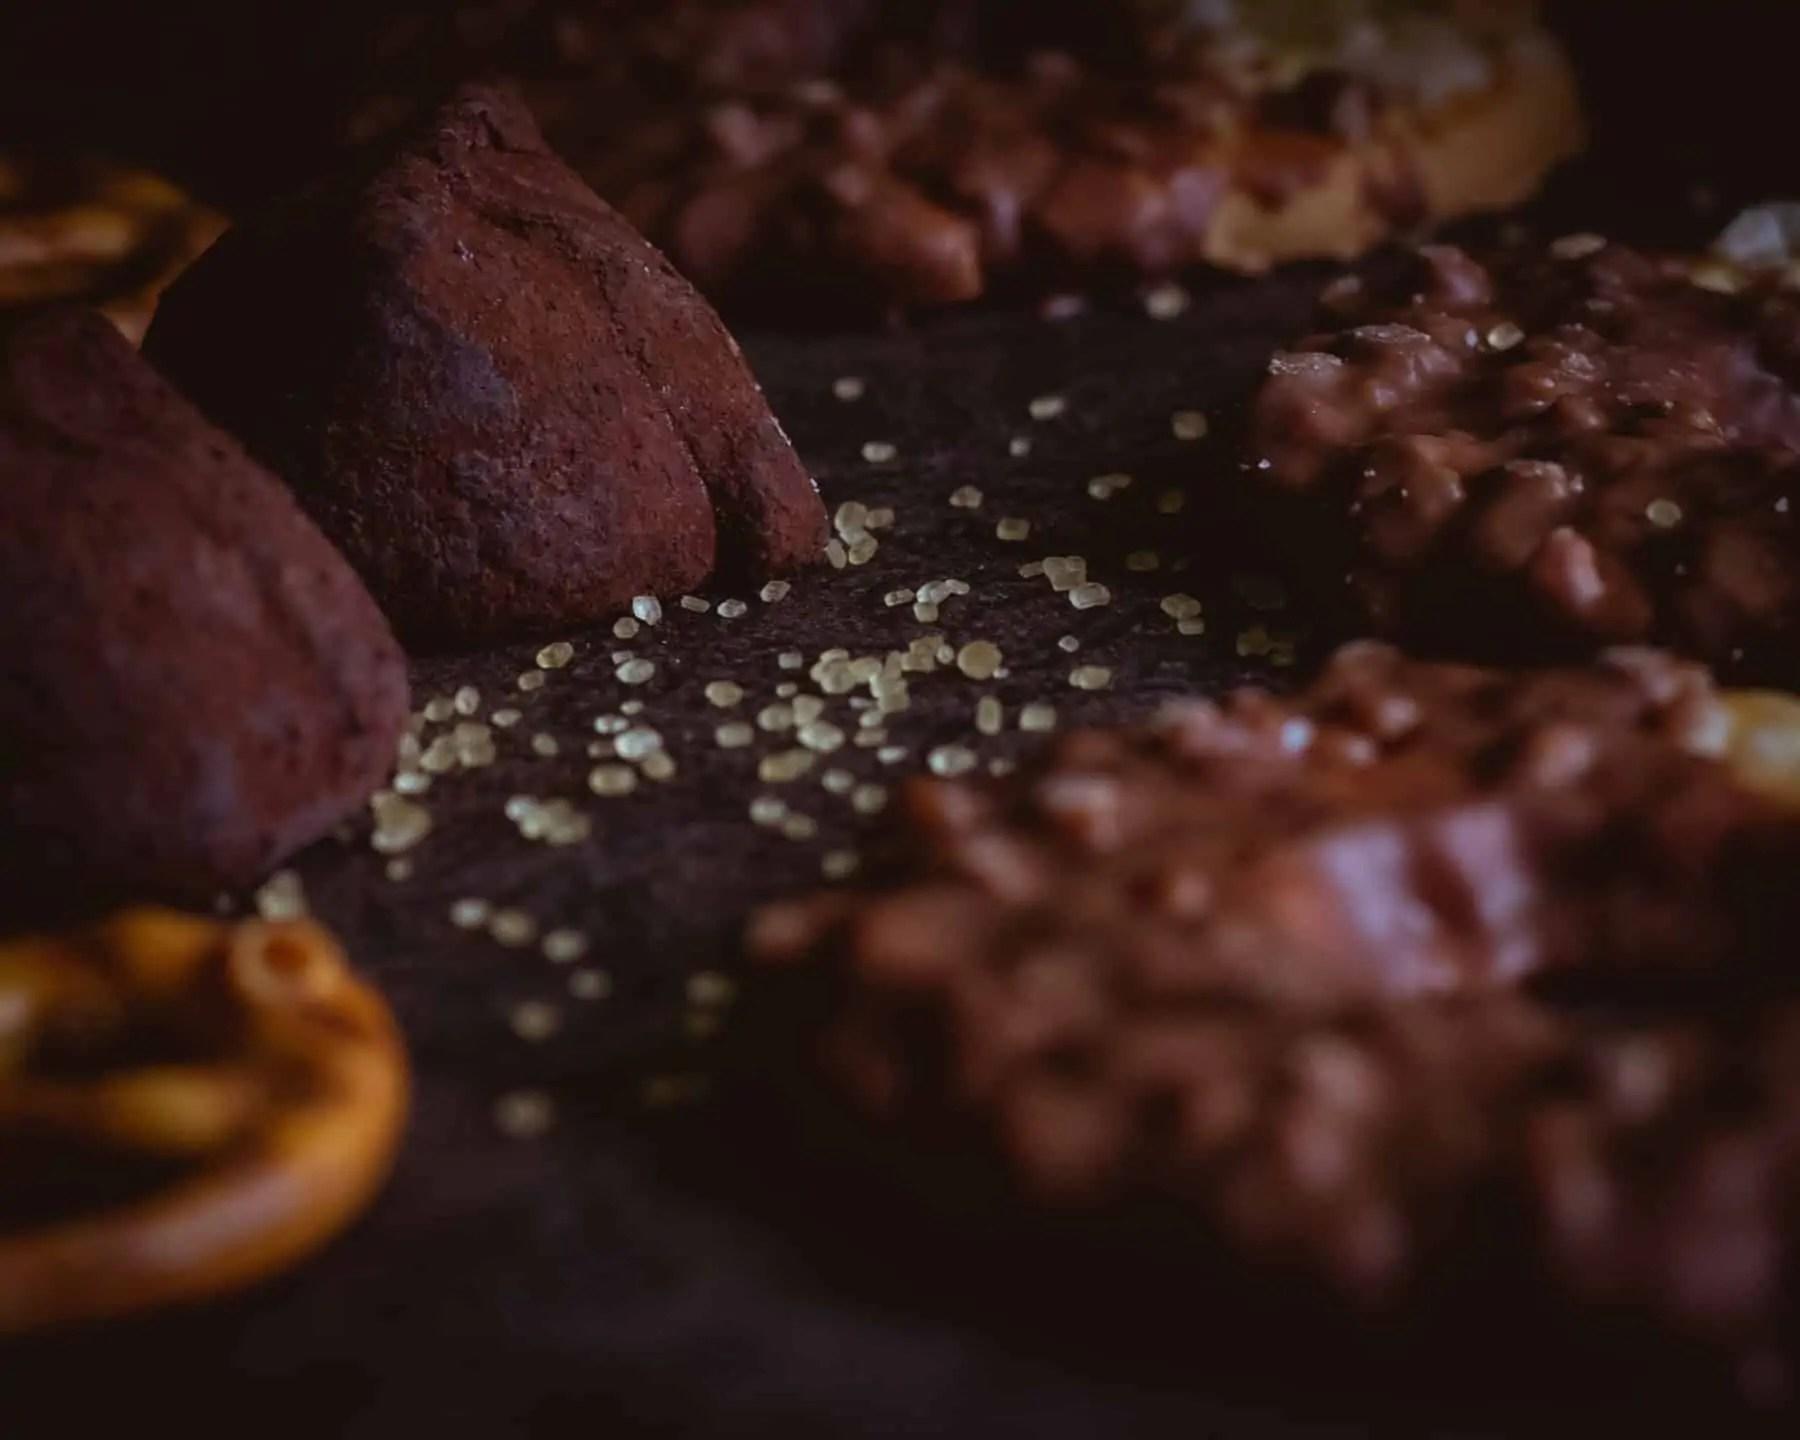 Czarna fotografia jedzenia czekolada precelki i ciastka 12 - Czarna fotografia jedzenia